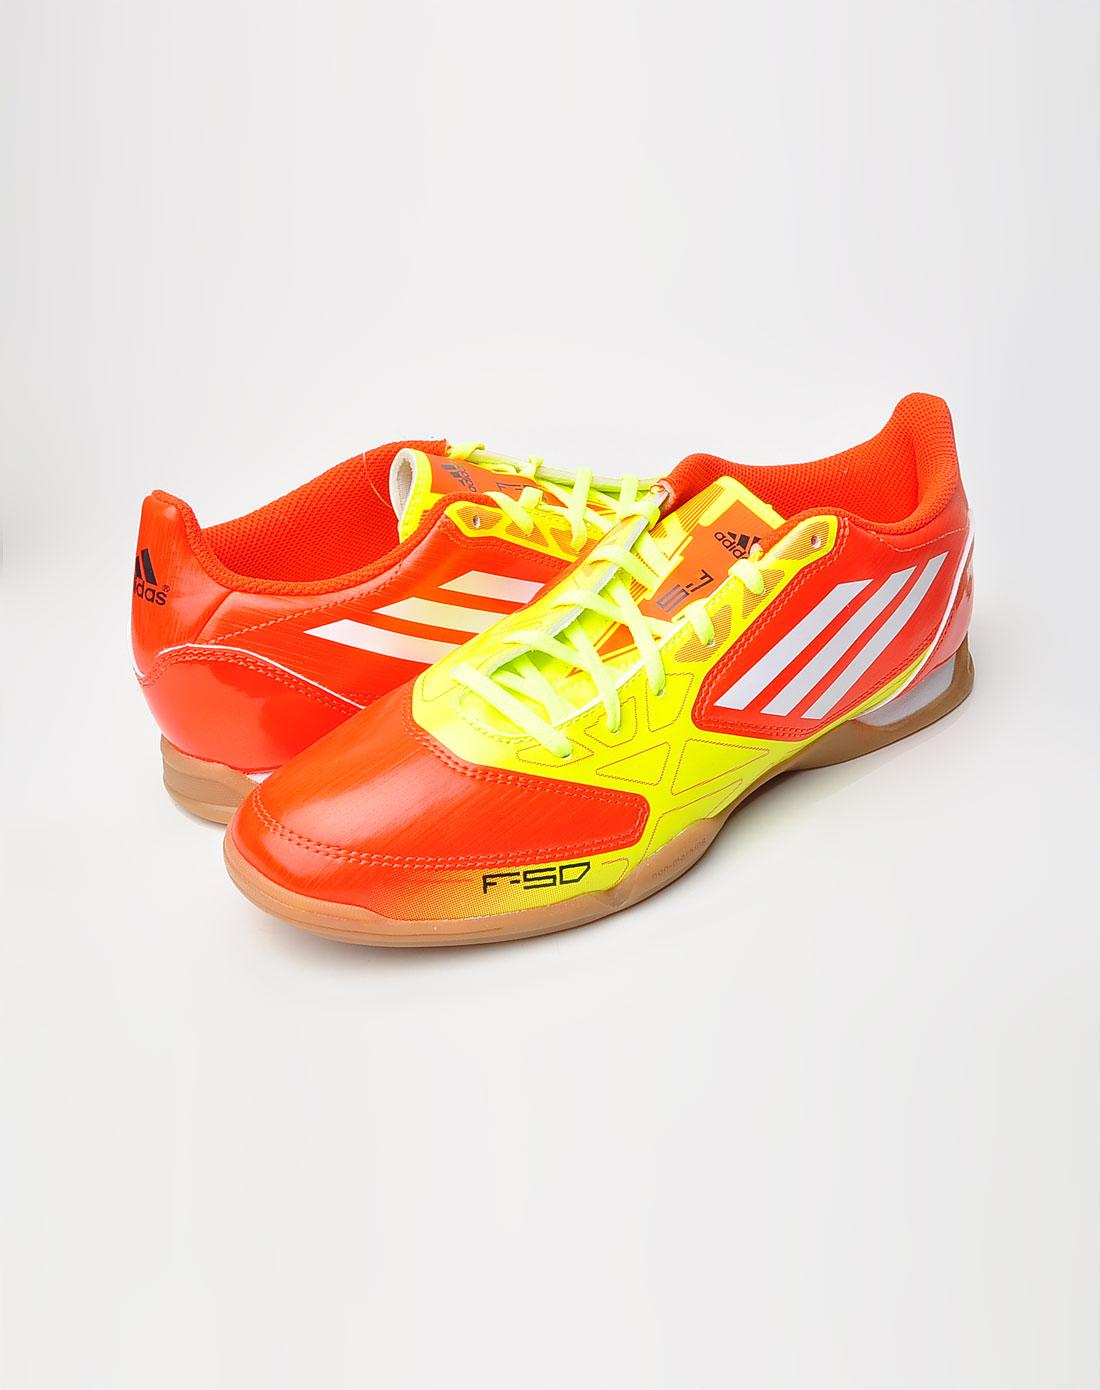 阿迪达斯adidas男款f50系列橙红/黄炫目配色室内足